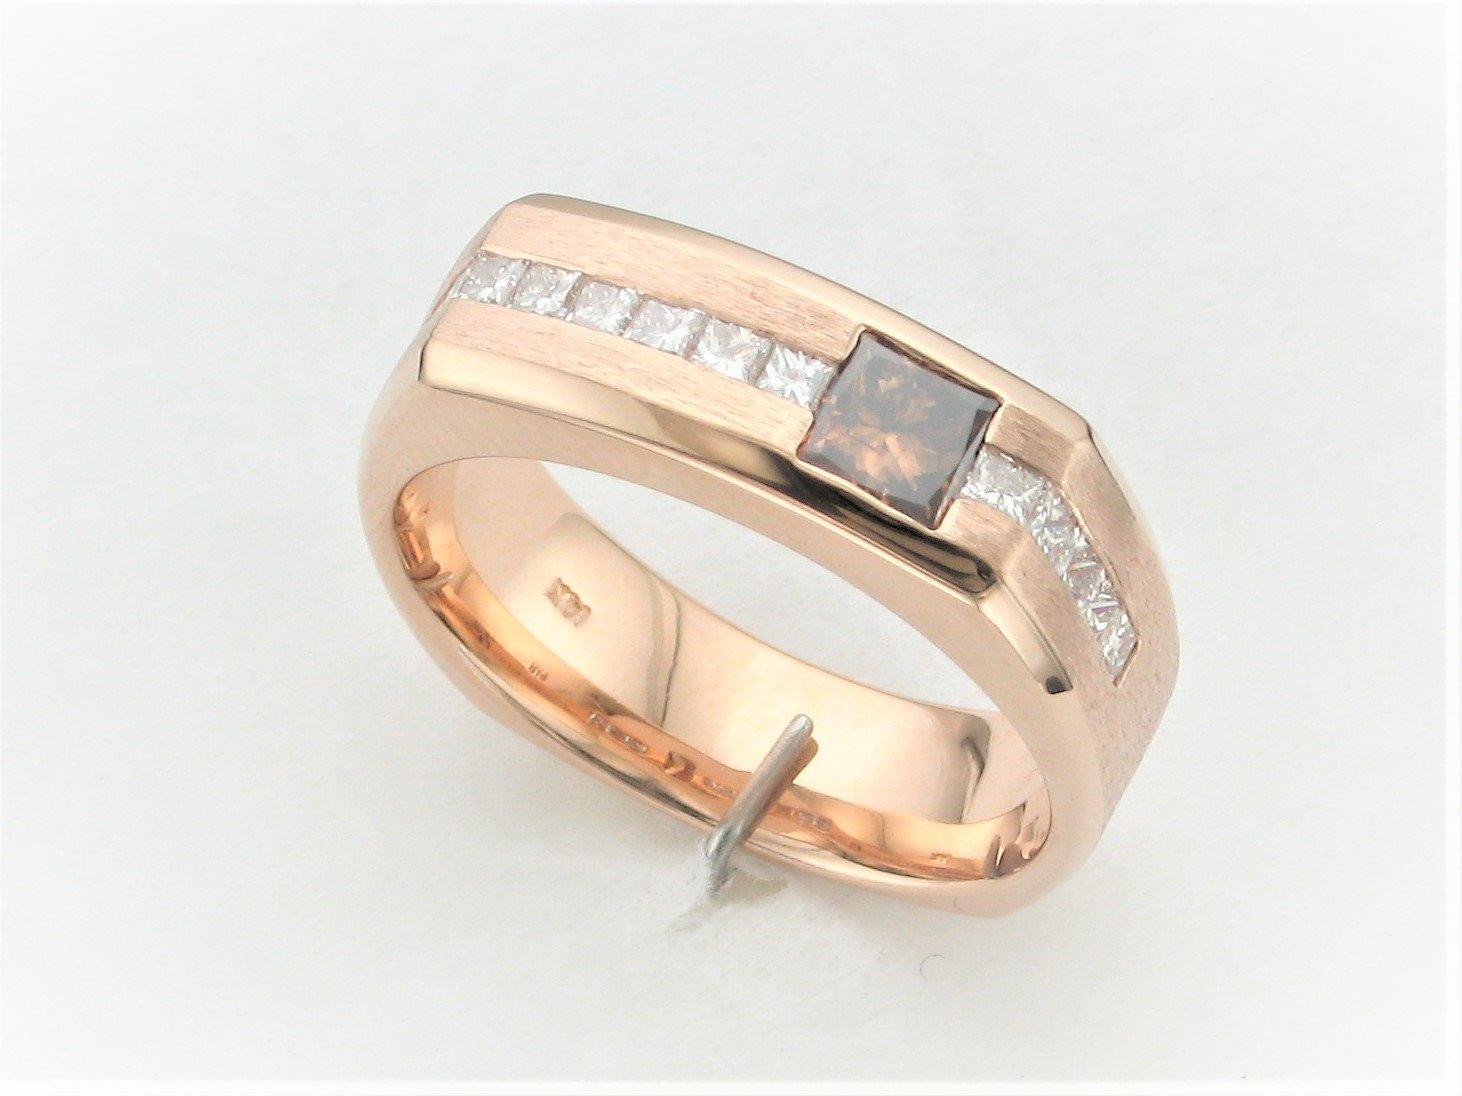 Men's 1.30 Total Carat Weight Chocolate And White Diamond Ring Set in 14 Karat Rose Gold